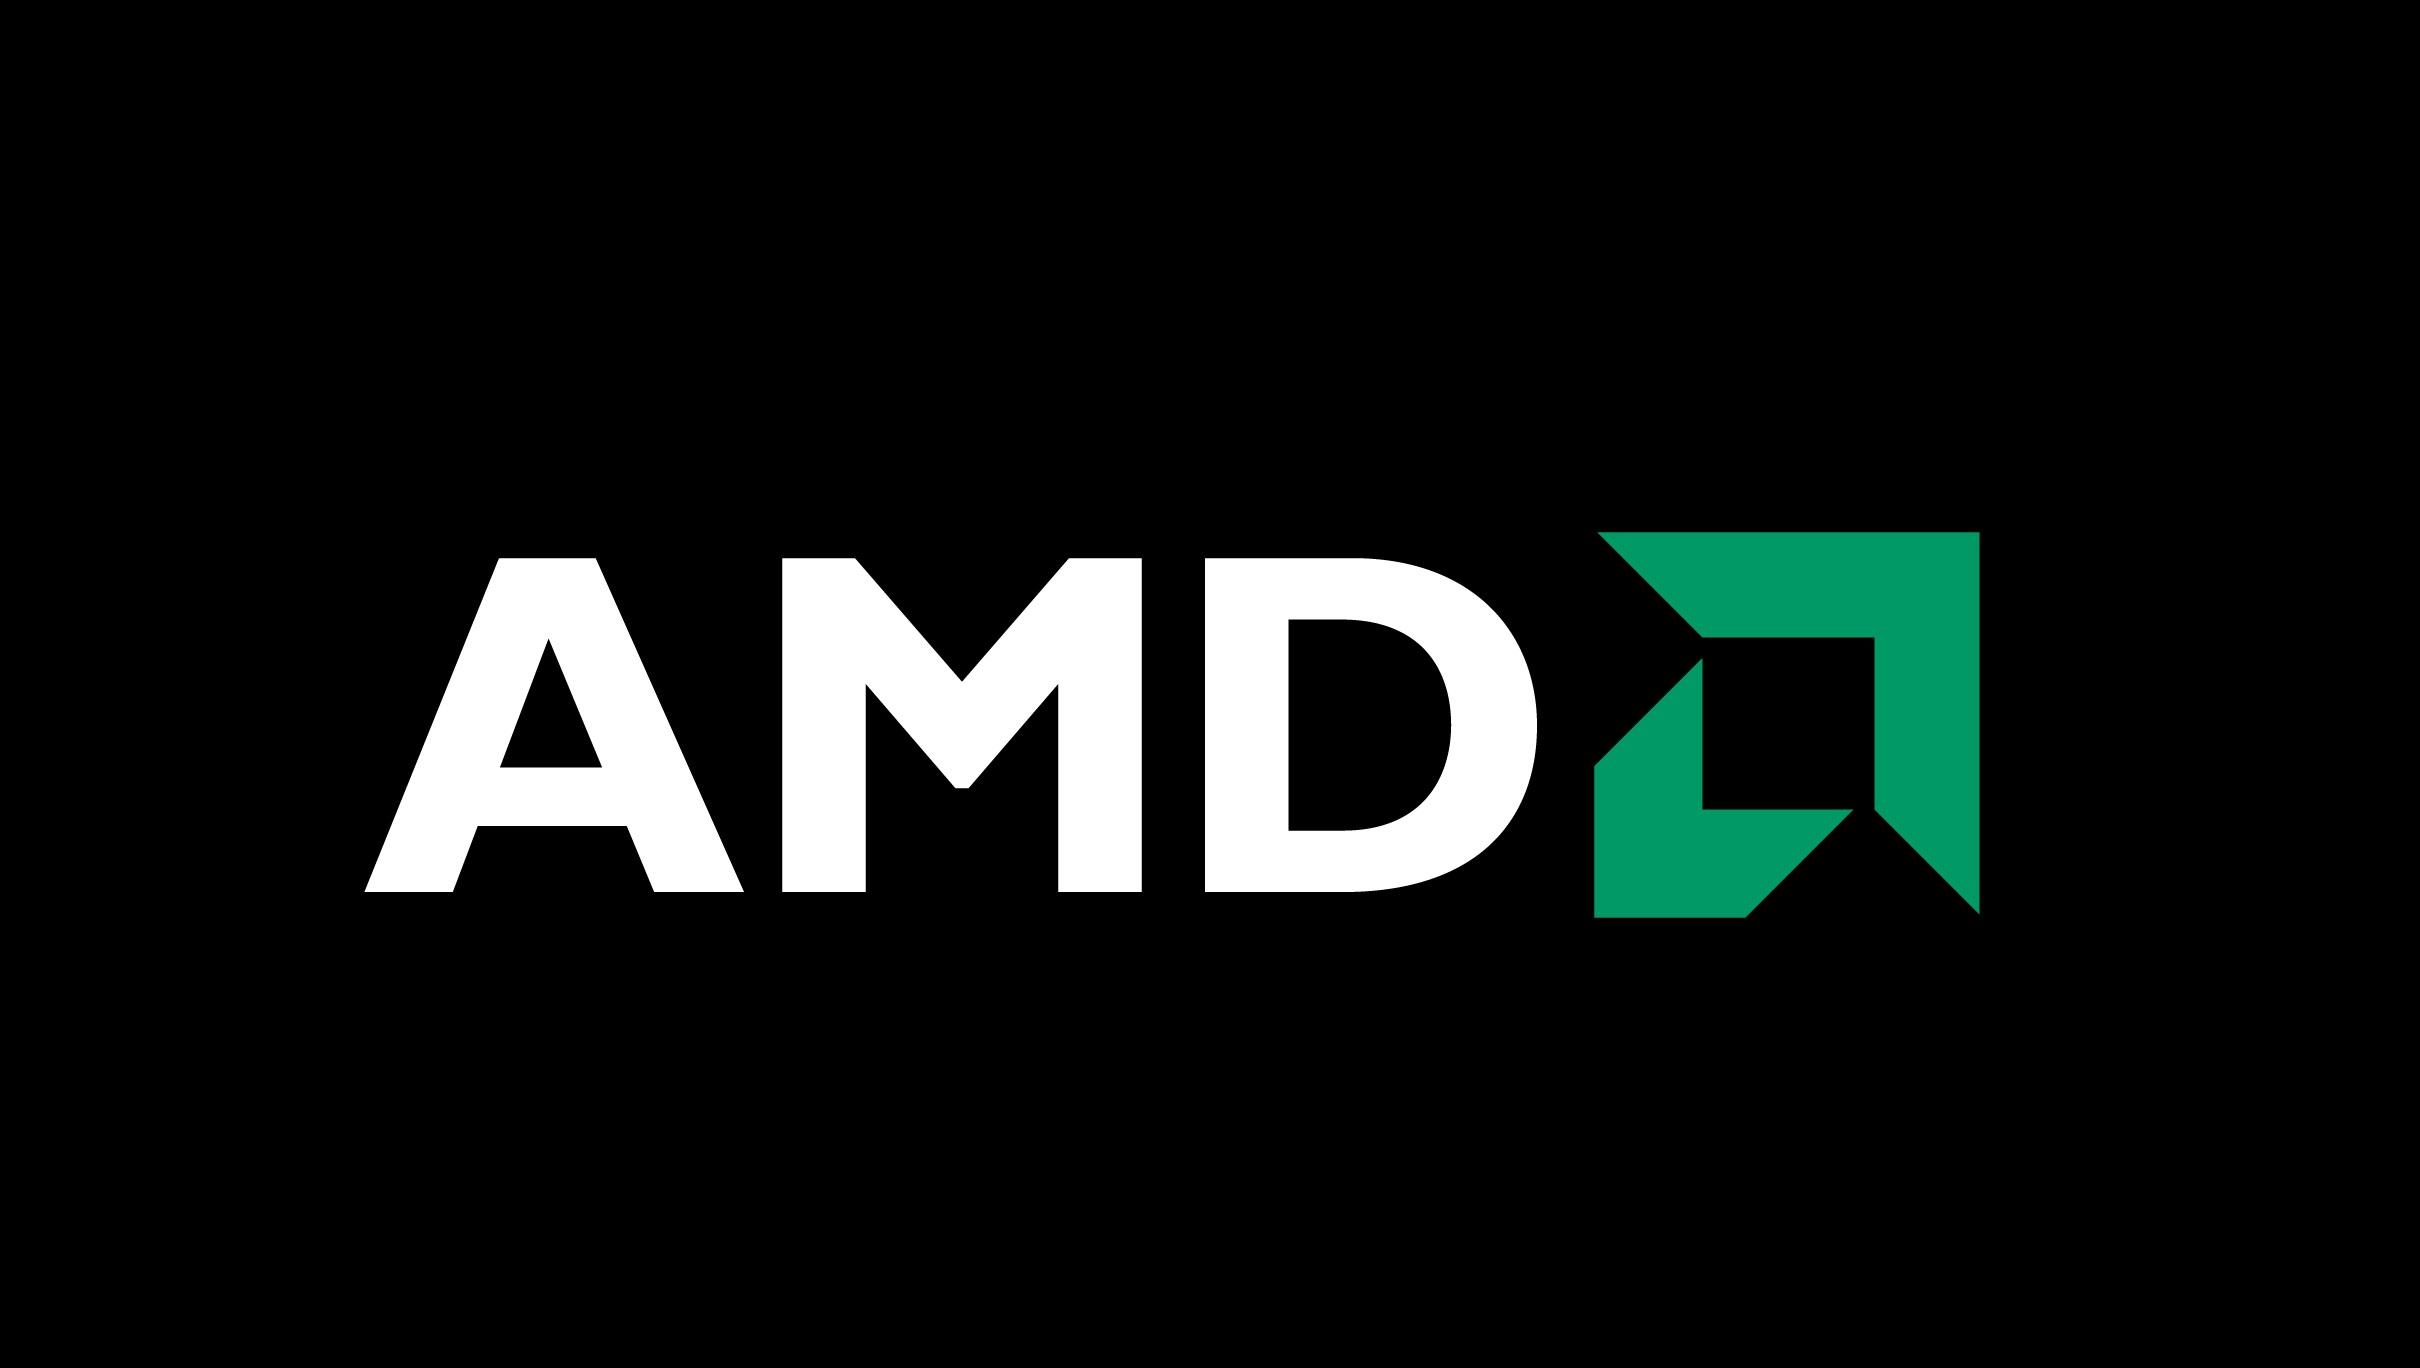 Гибридные процессоры AMD Ryzen появятся вноутбуках вконце 3-го квартала